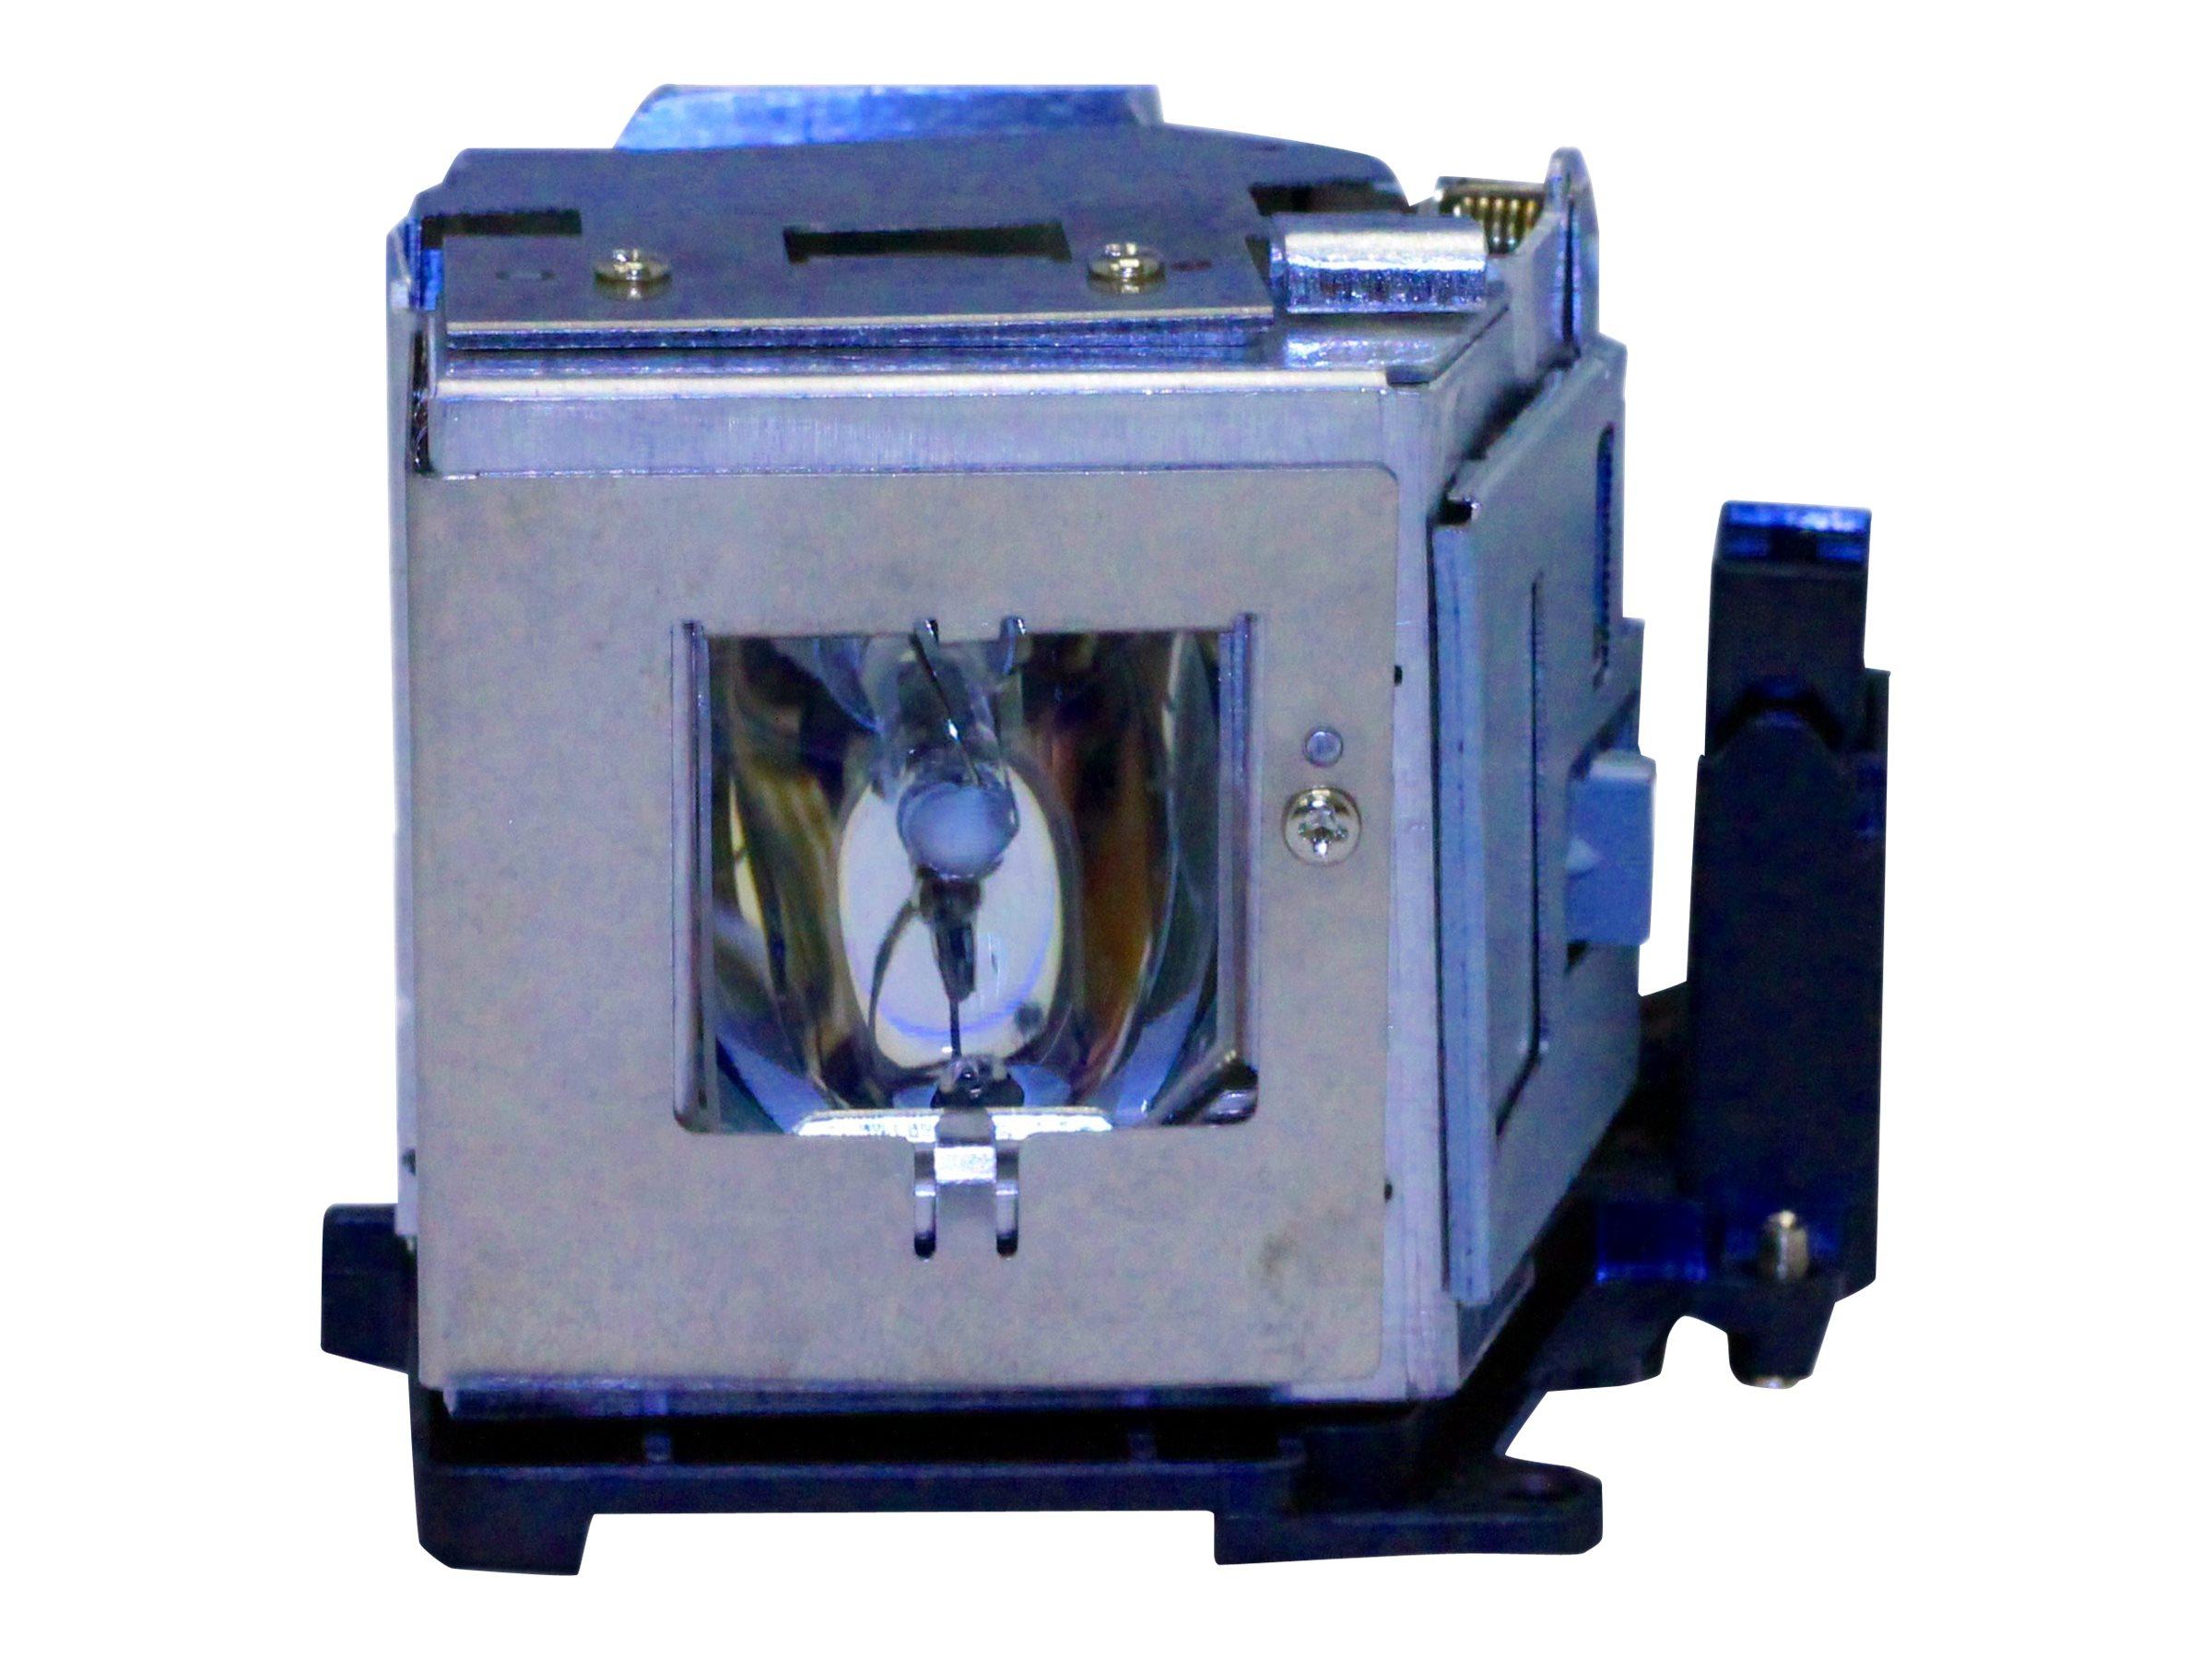 V7 - Projektorlampe - 3000 Stunden - für Dukane ImagePro 8406